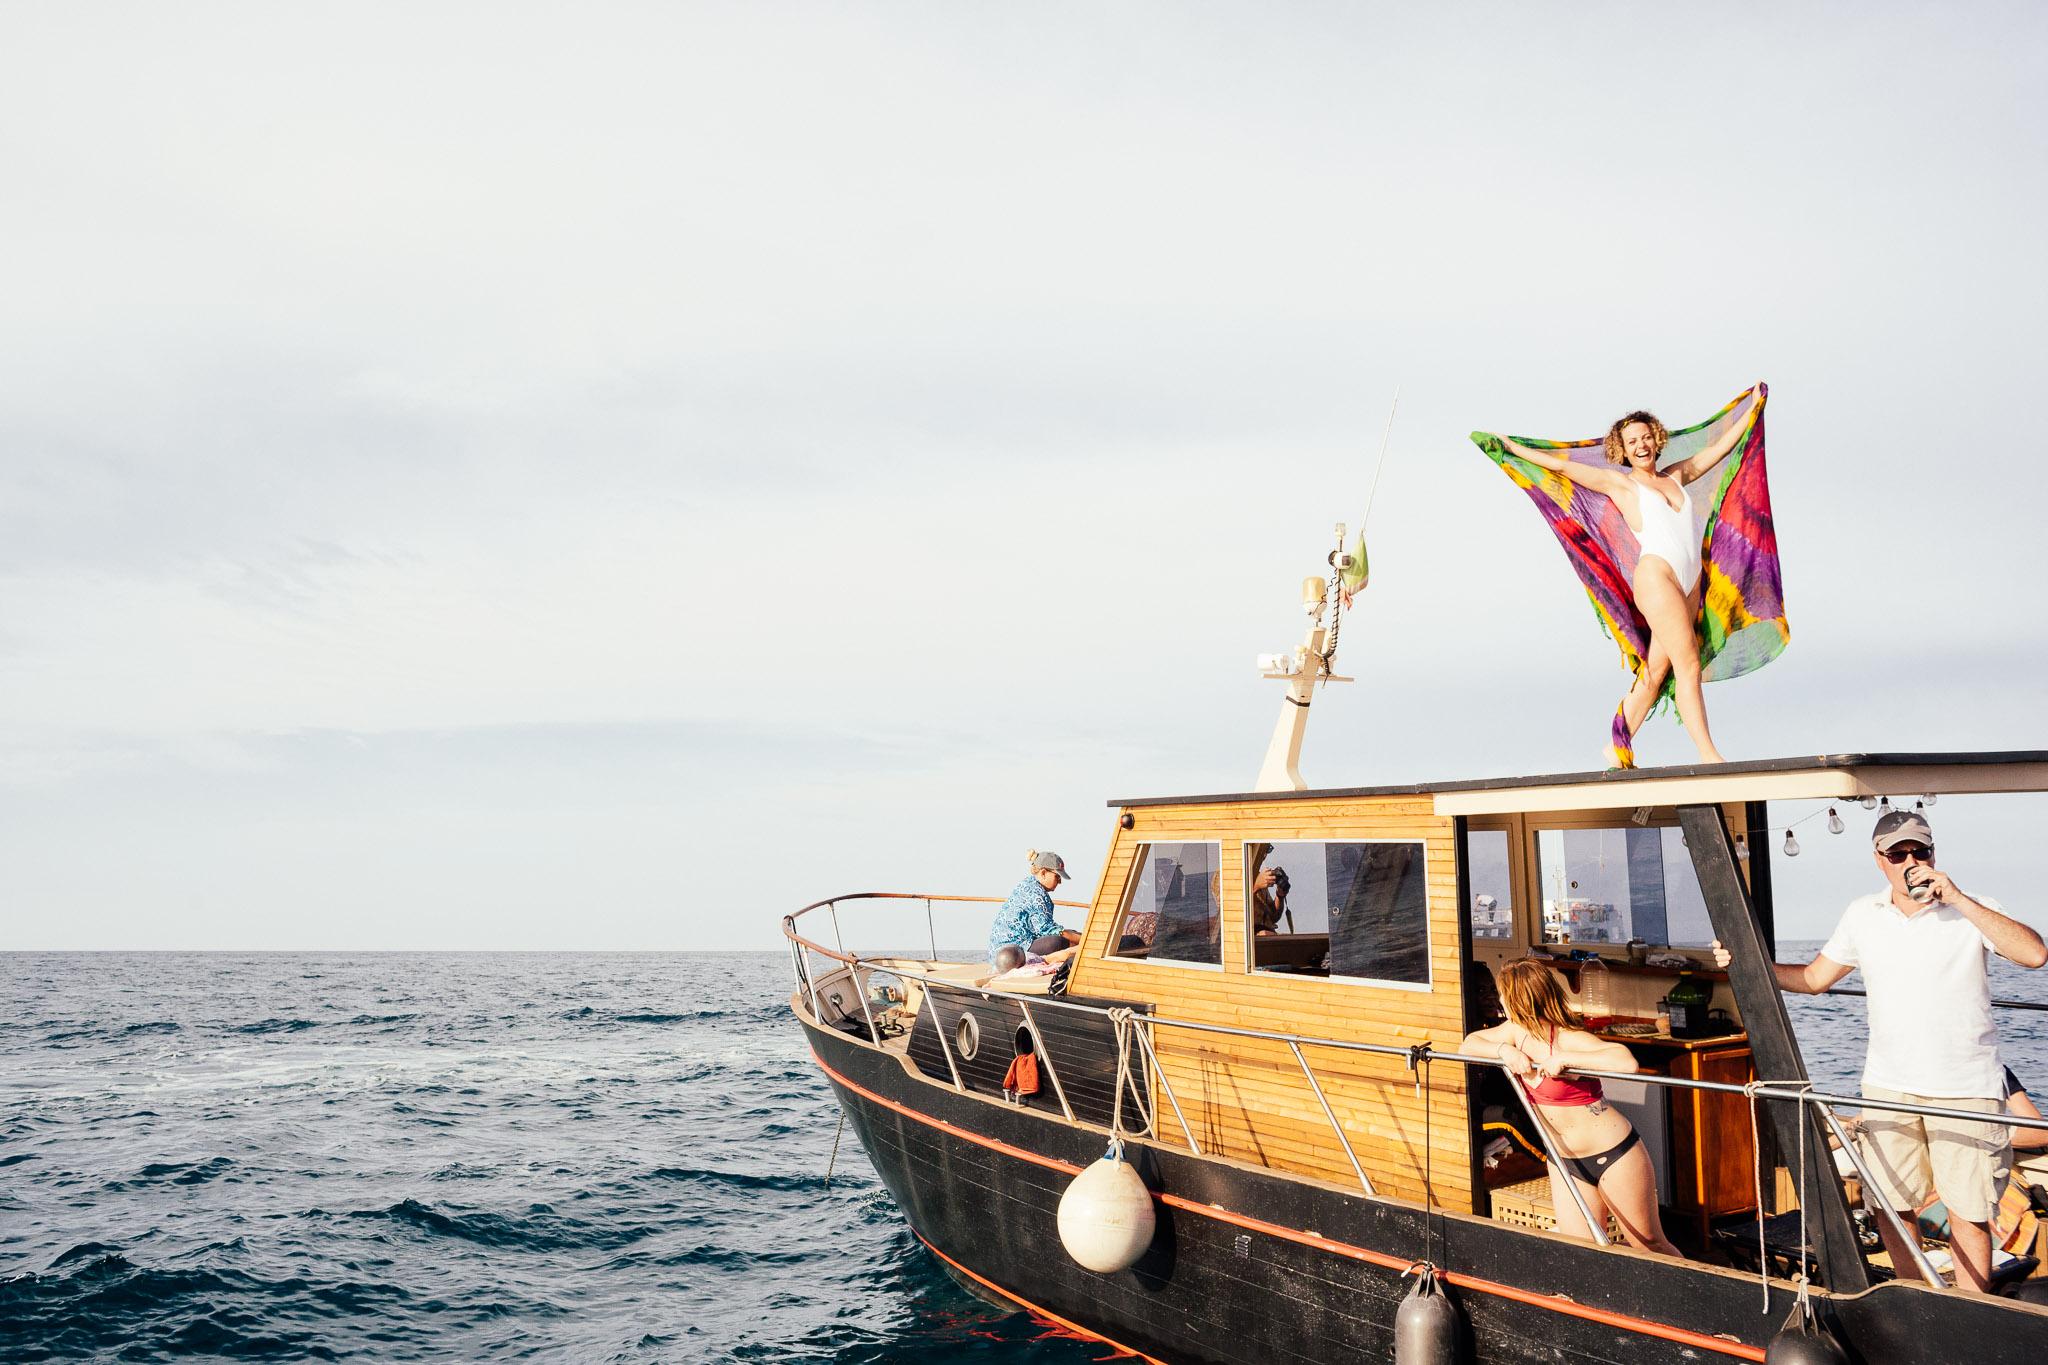 Carolina Boat Trip sulle coste di Polignano a Mare